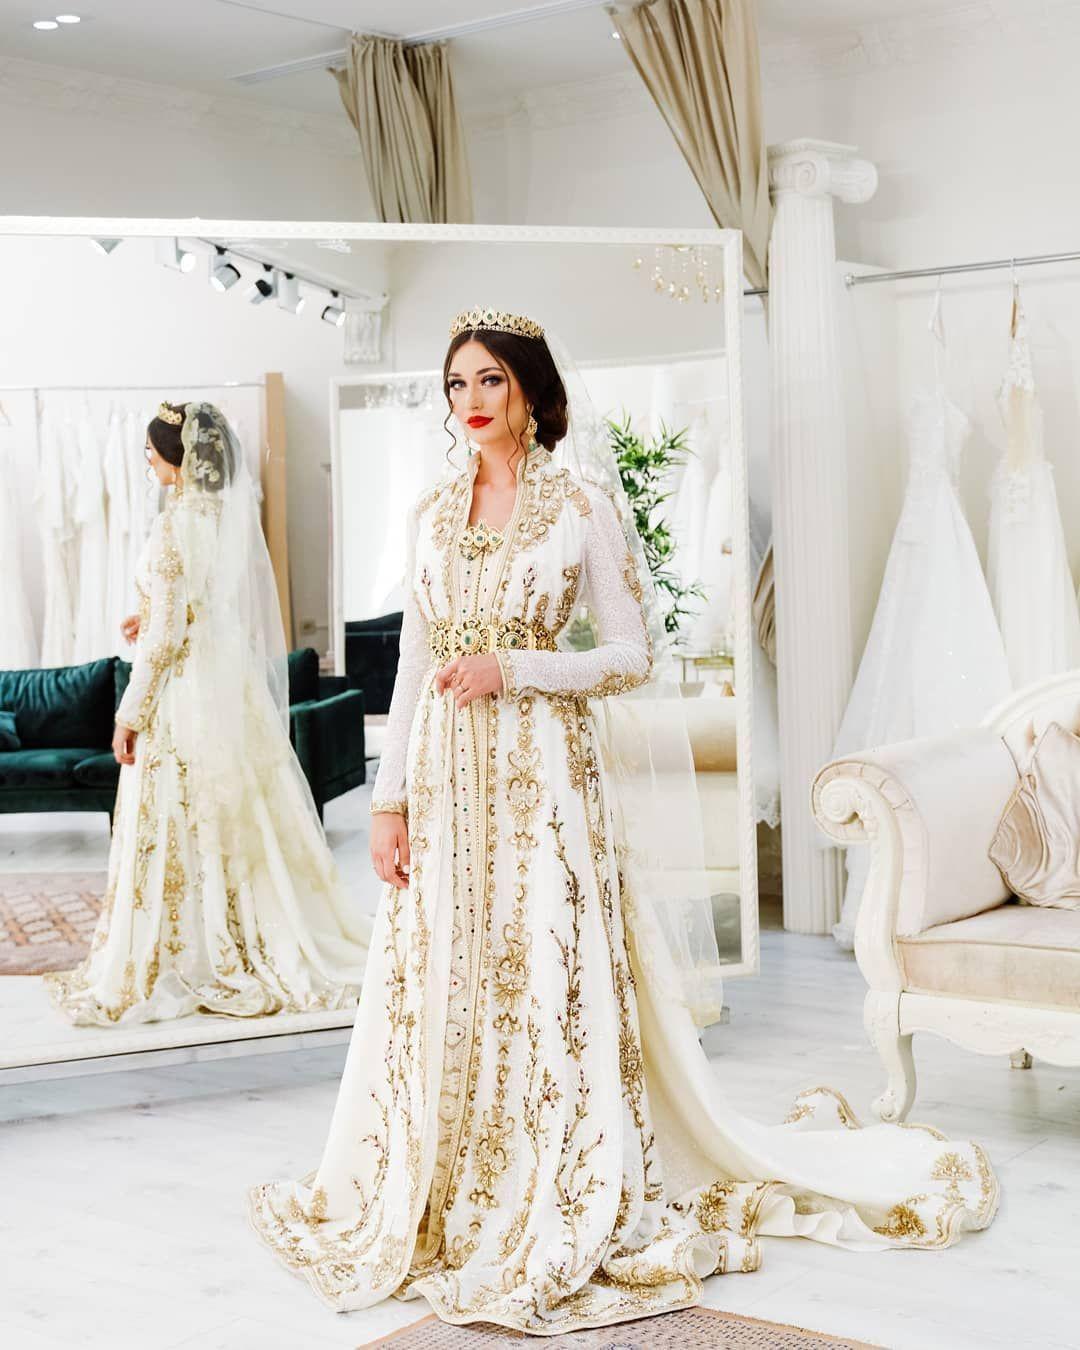 Amira Lebsatte auf Instagram AMIRALEBSATTE Sehr liebe Bräute hallo